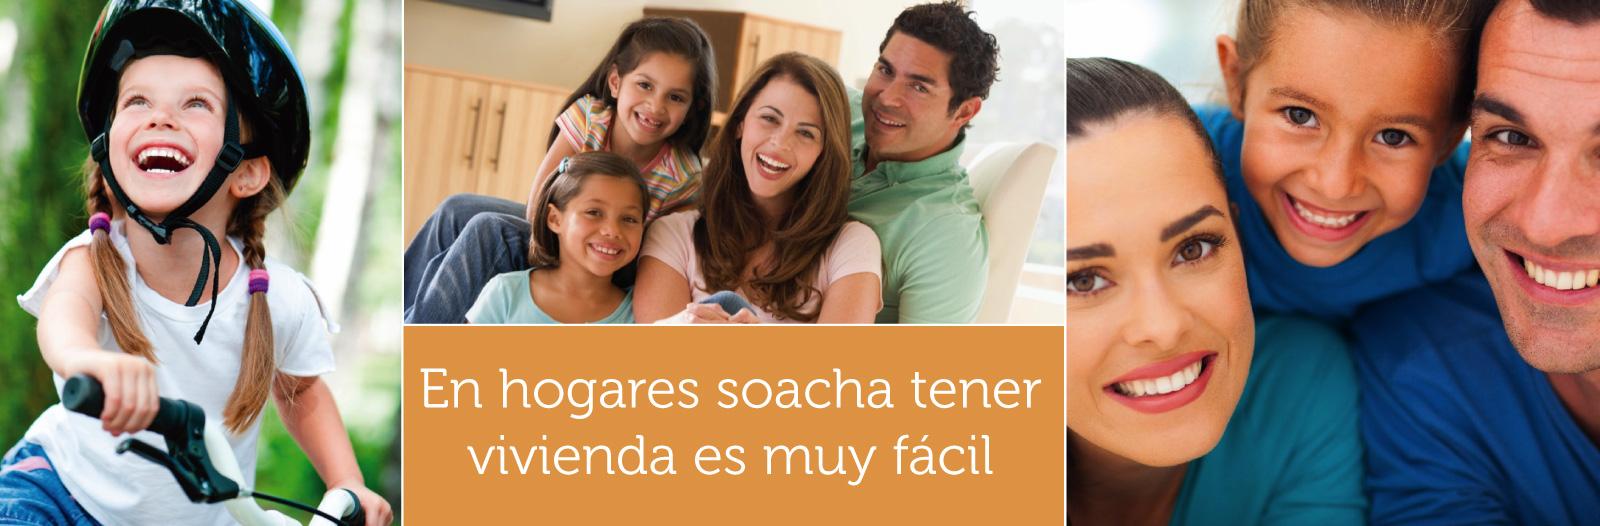 banner-hogar-es-soacha-2